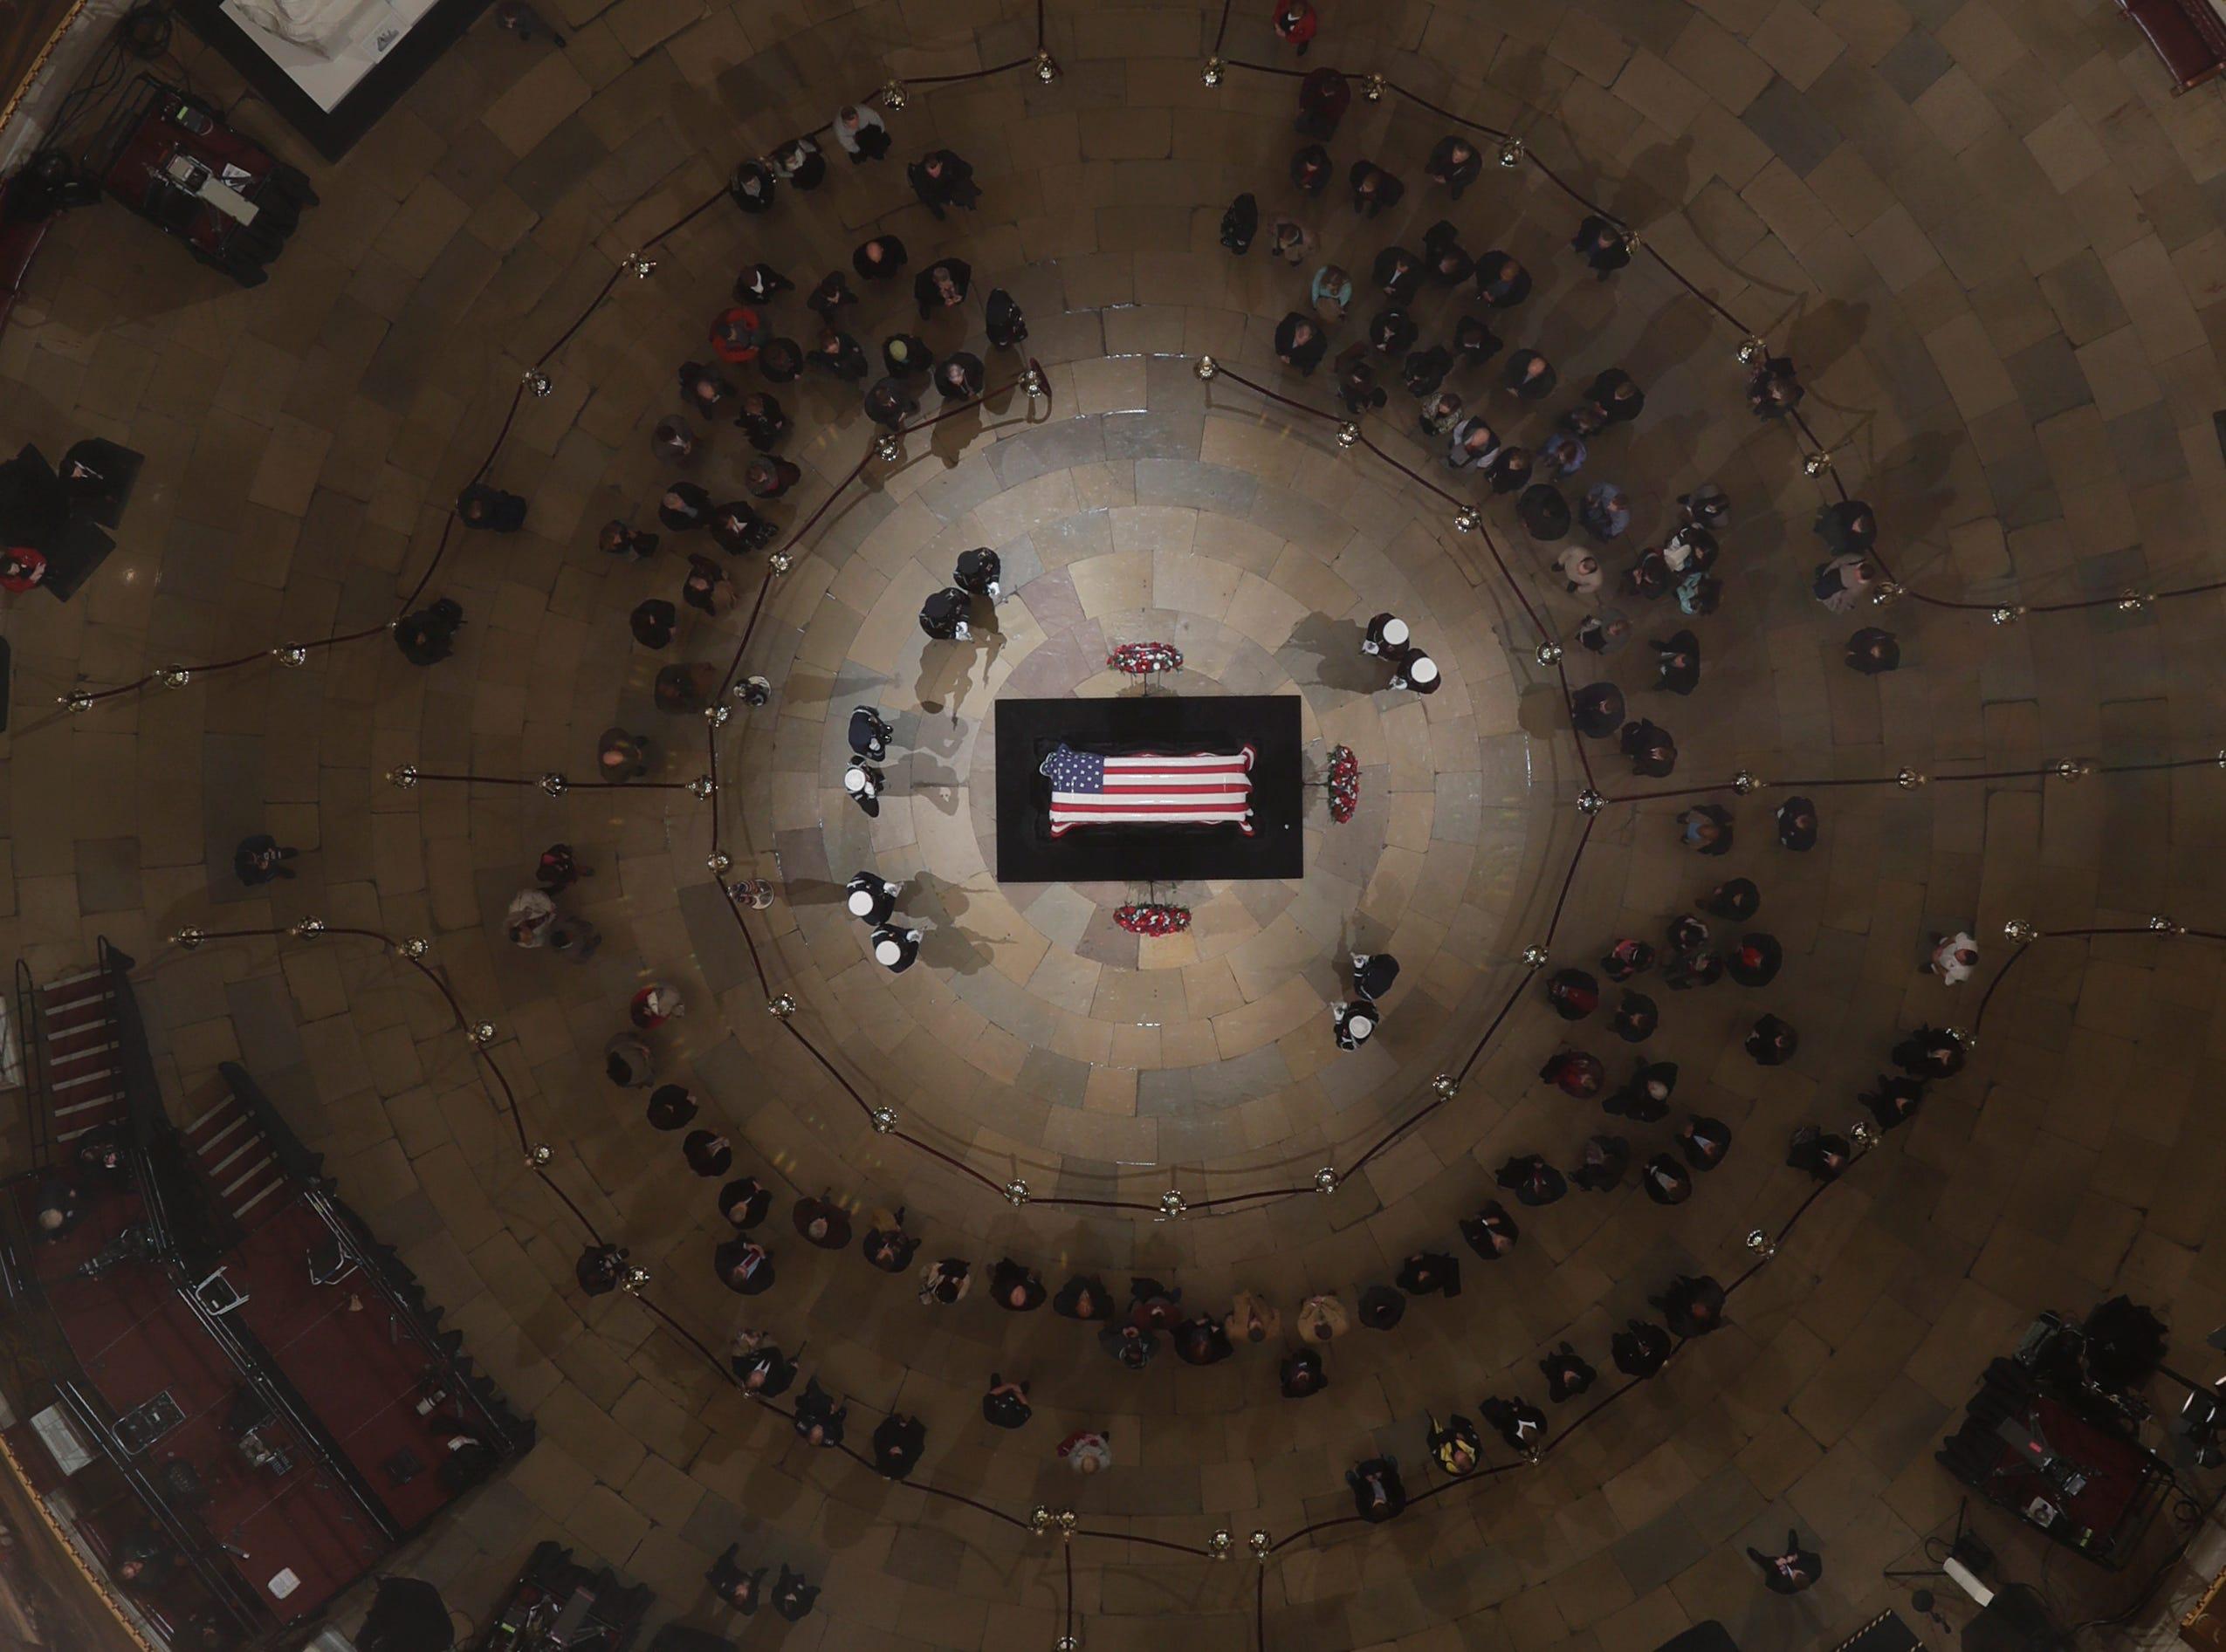 El ataúd cubierto con la bandera de Estados Unidos del fallecido ex presidente George H.W. Bush se encuentra en el estado en Capitol Rotunda el 5 de diciembre de 2018 en Washington, DC.